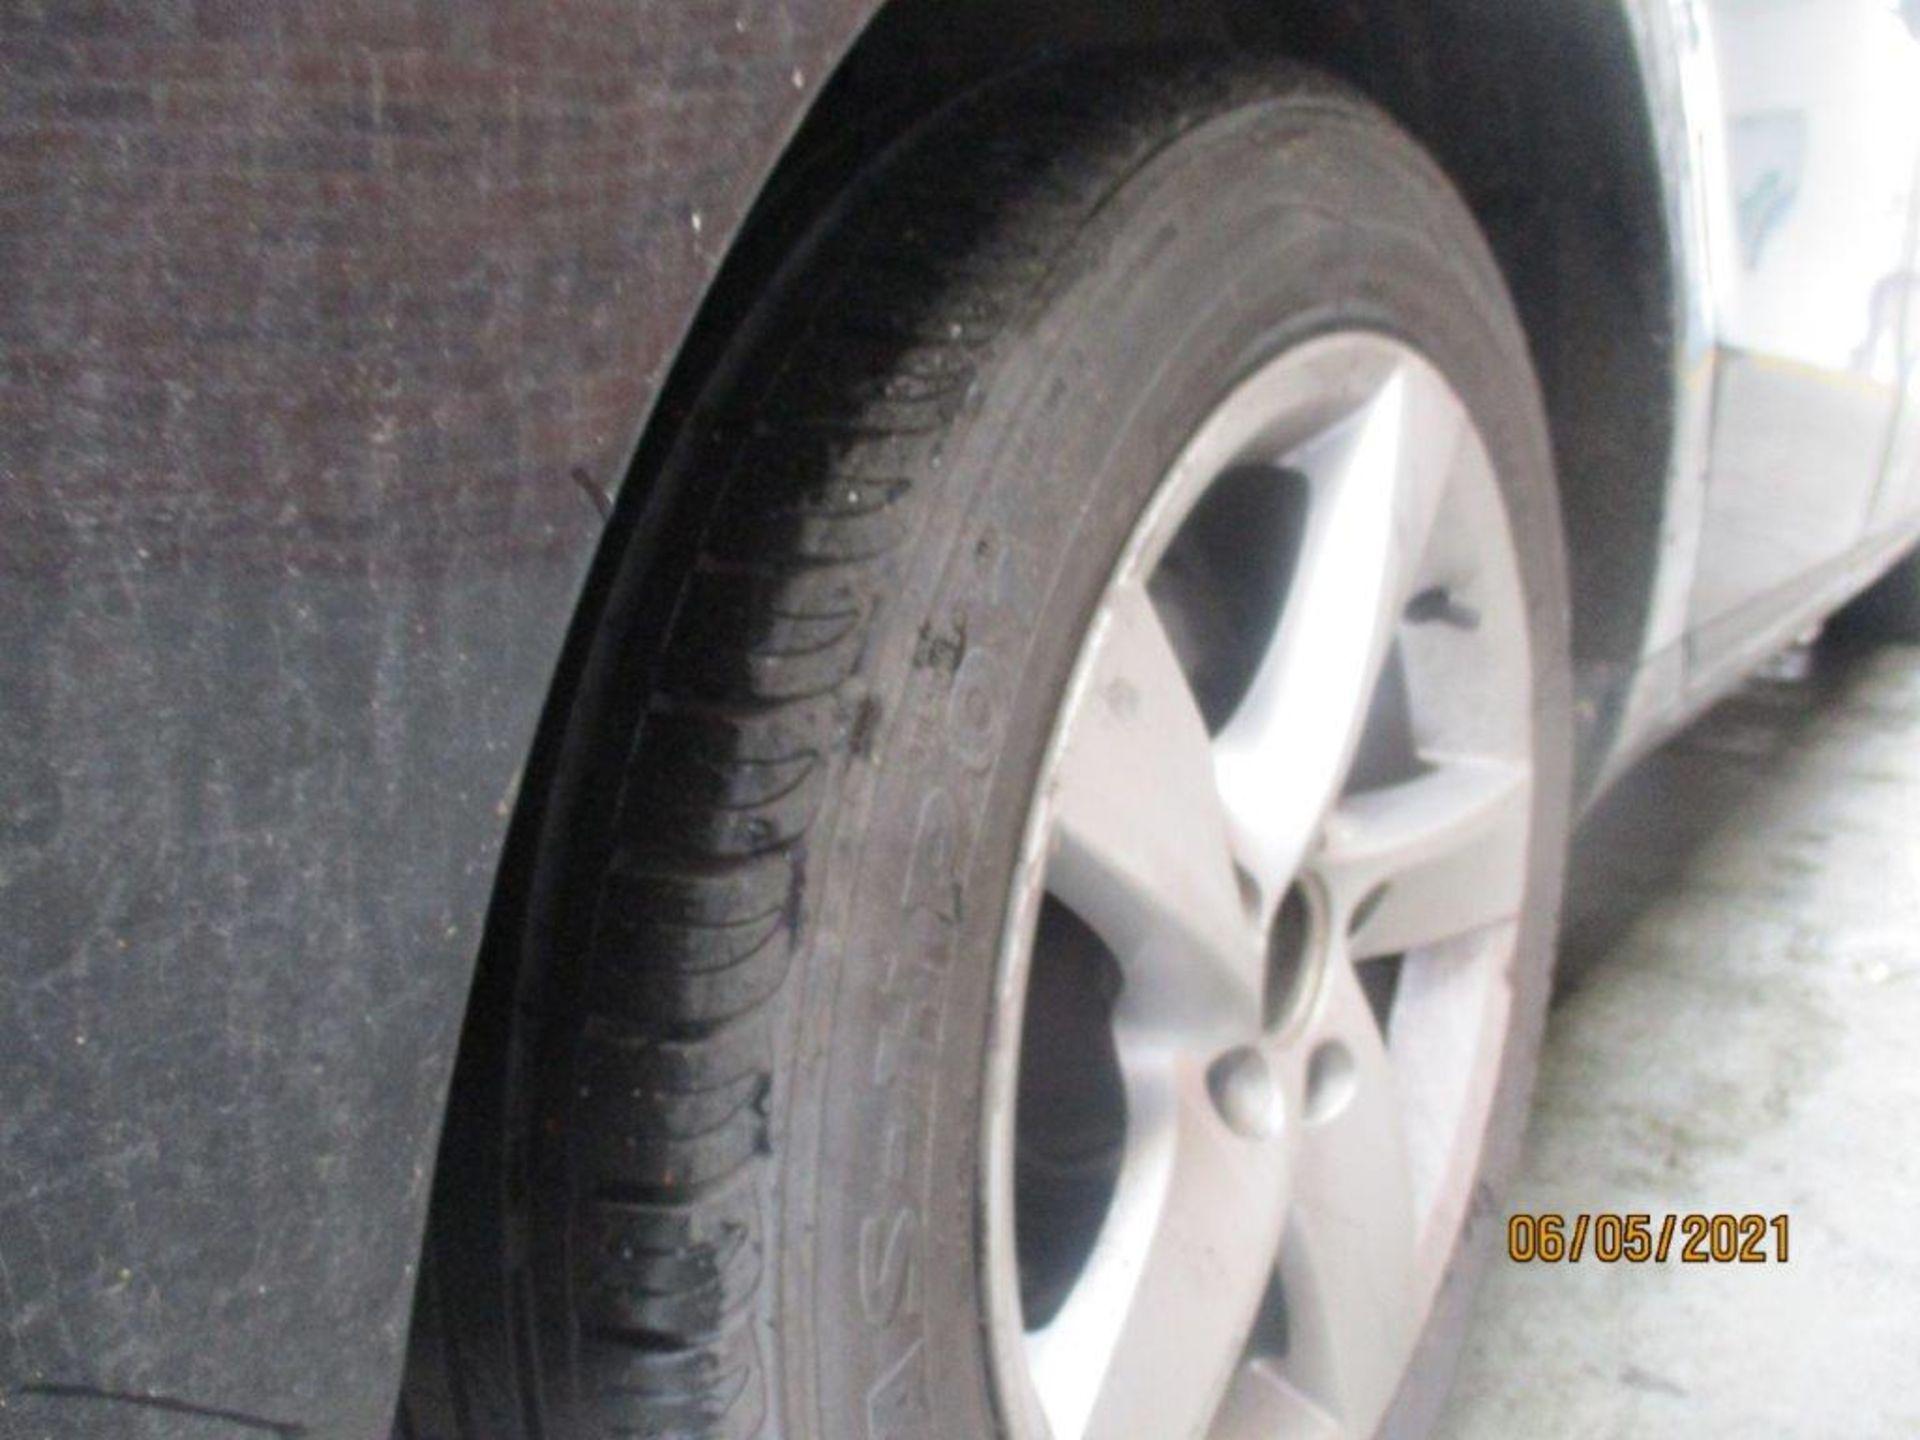 13 13 VW Passat S Bluemotion Tech - Image 18 of 29